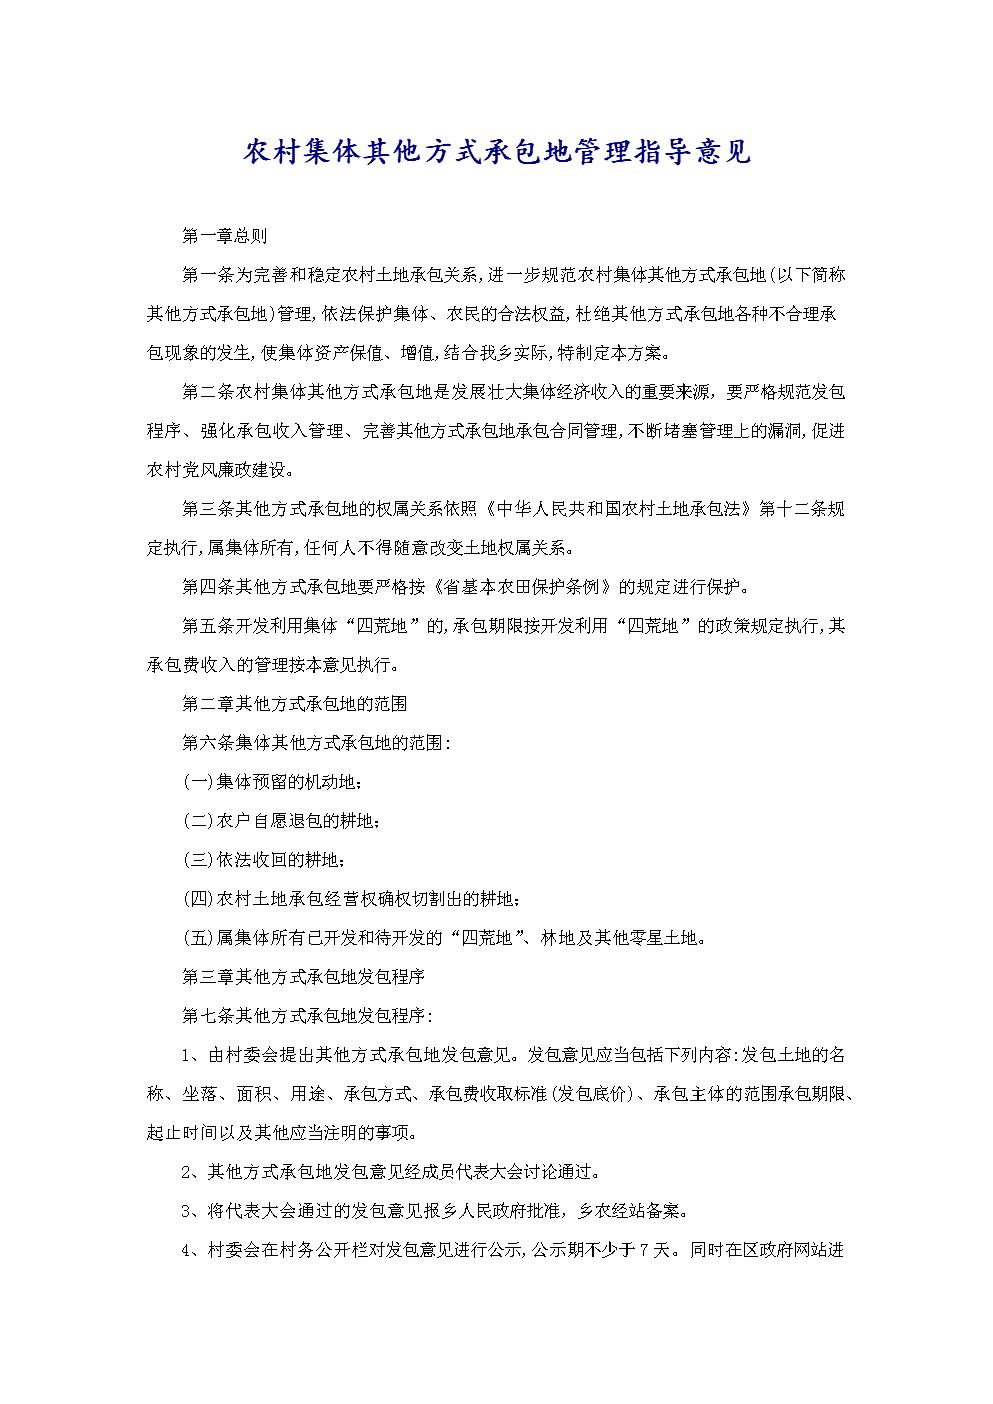 农村集体其他方式承包地管理指导意见.doc